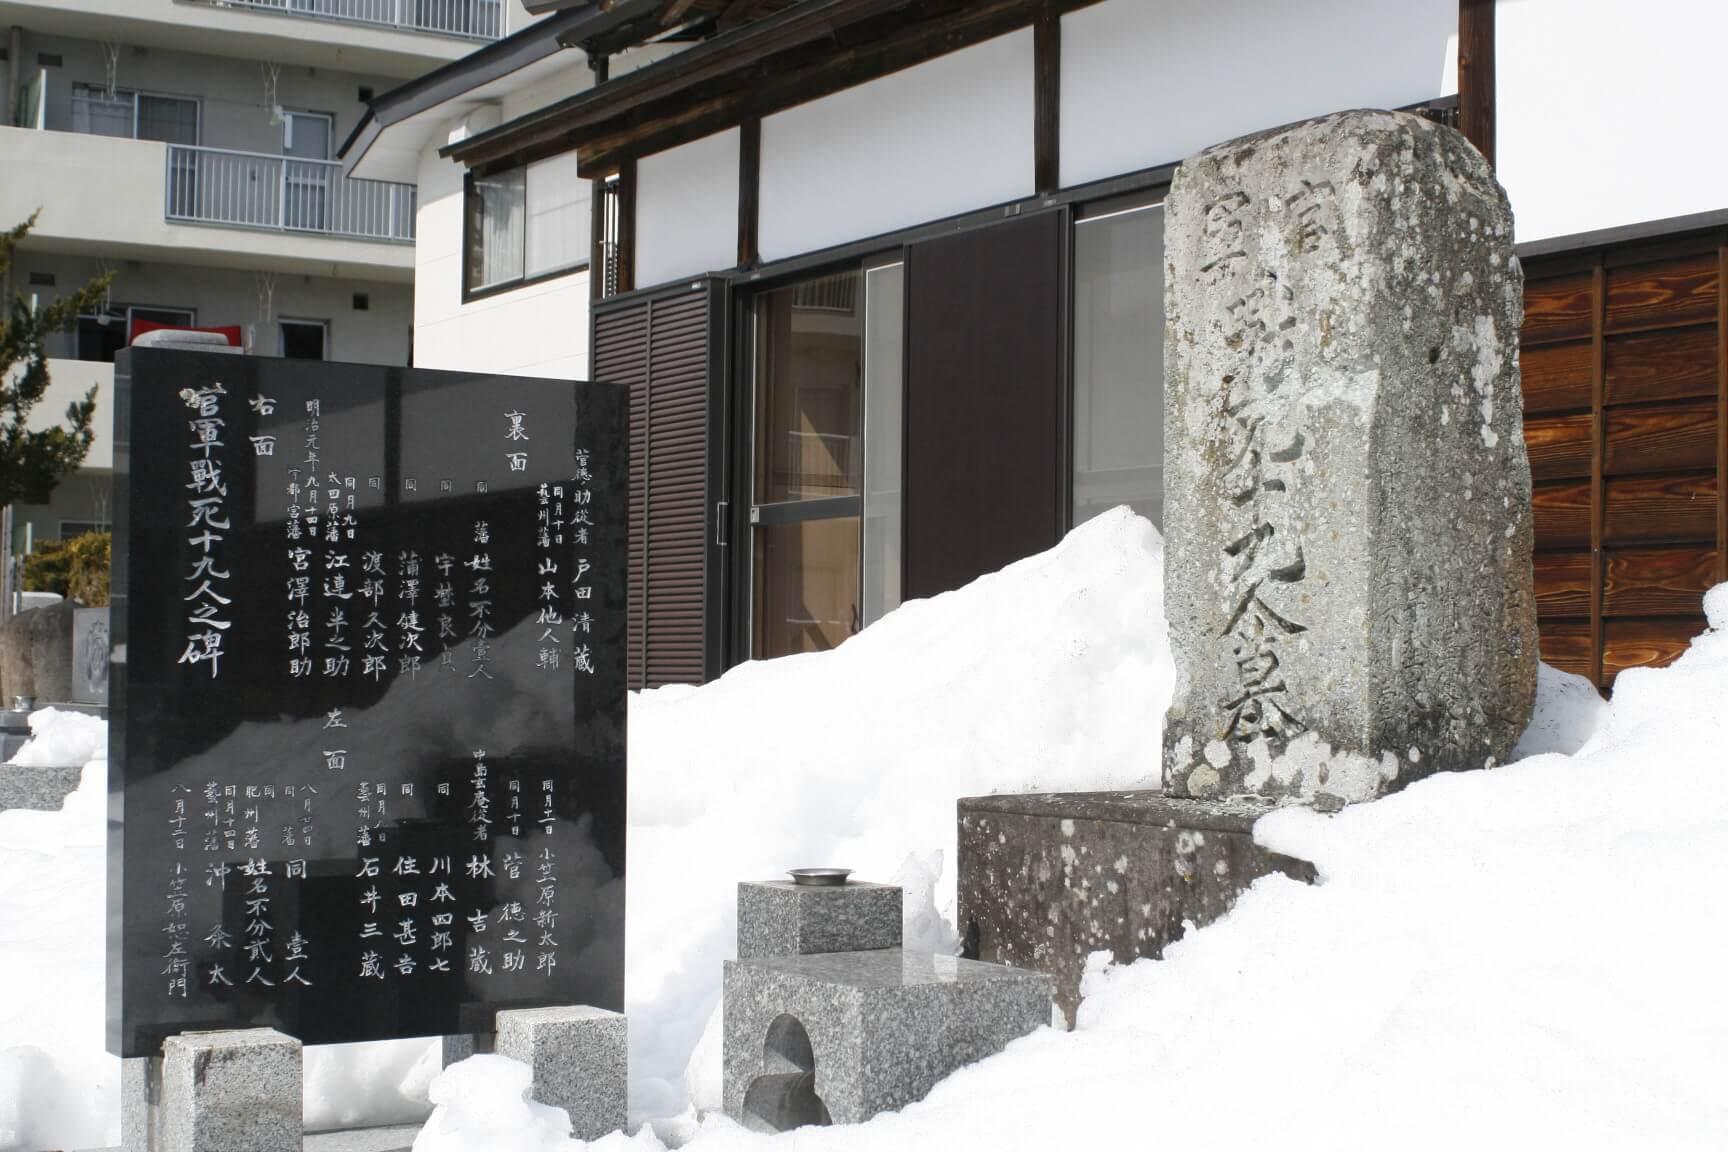 官軍19人の墓(慈恩寺内)